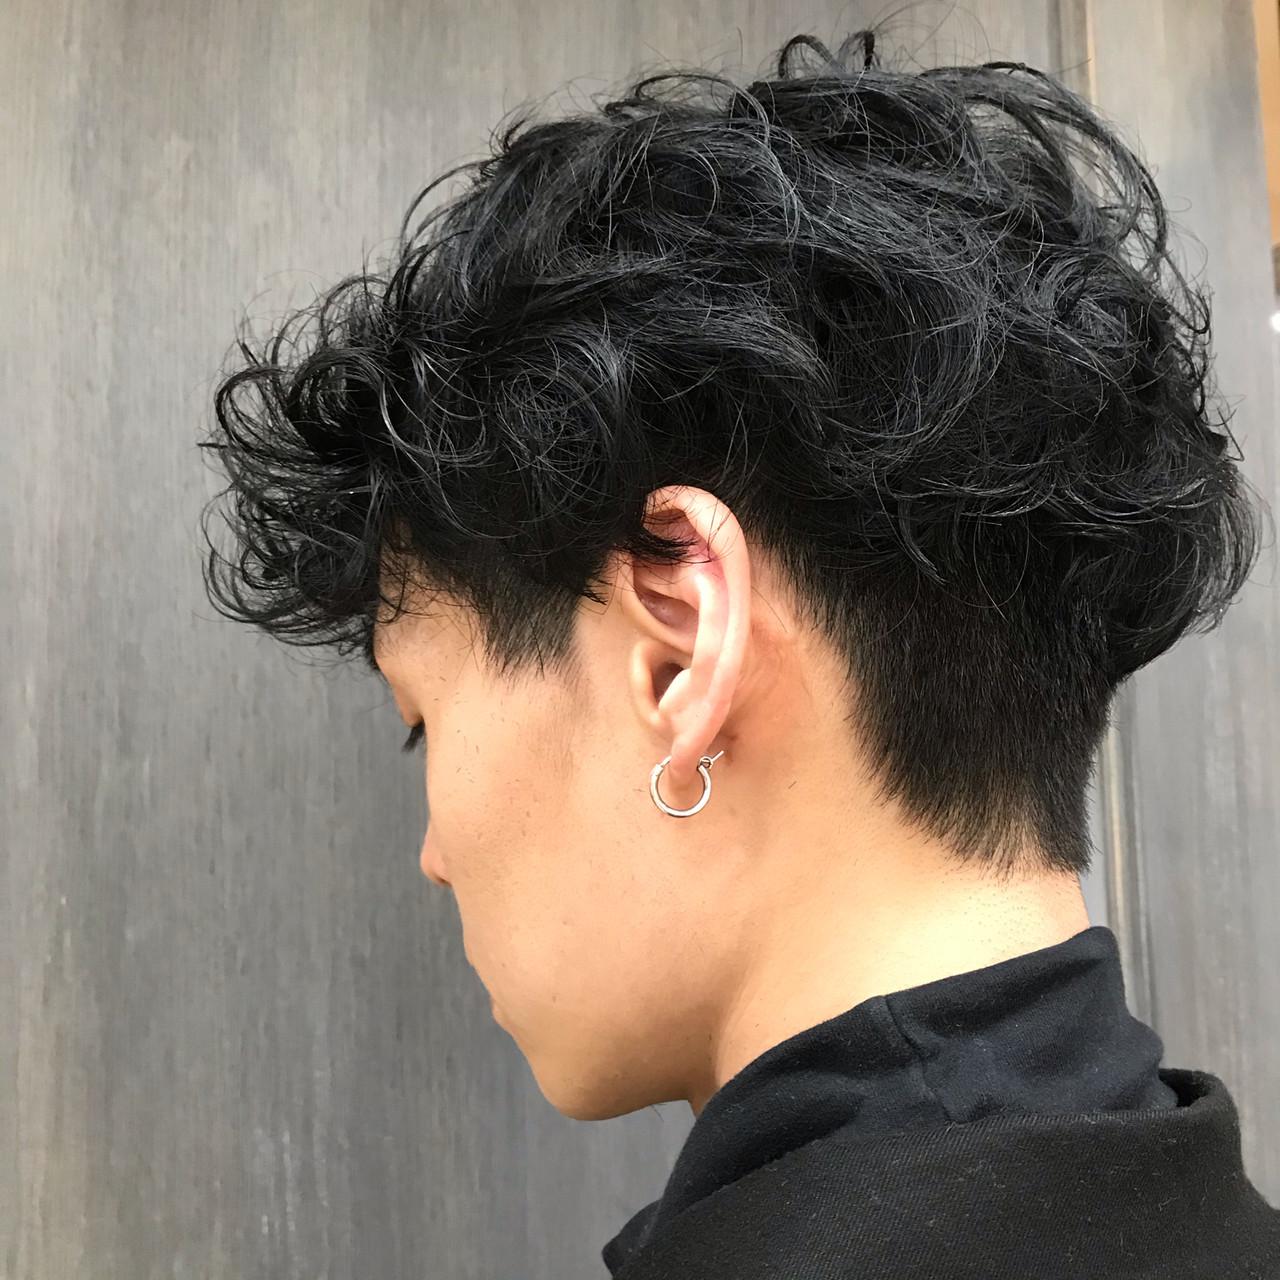 ストリート メンズマッシュ メンズパーマ メンズスタイル ヘアスタイルや髪型の写真・画像 | 澤江 啓司 / K-two KYOTO